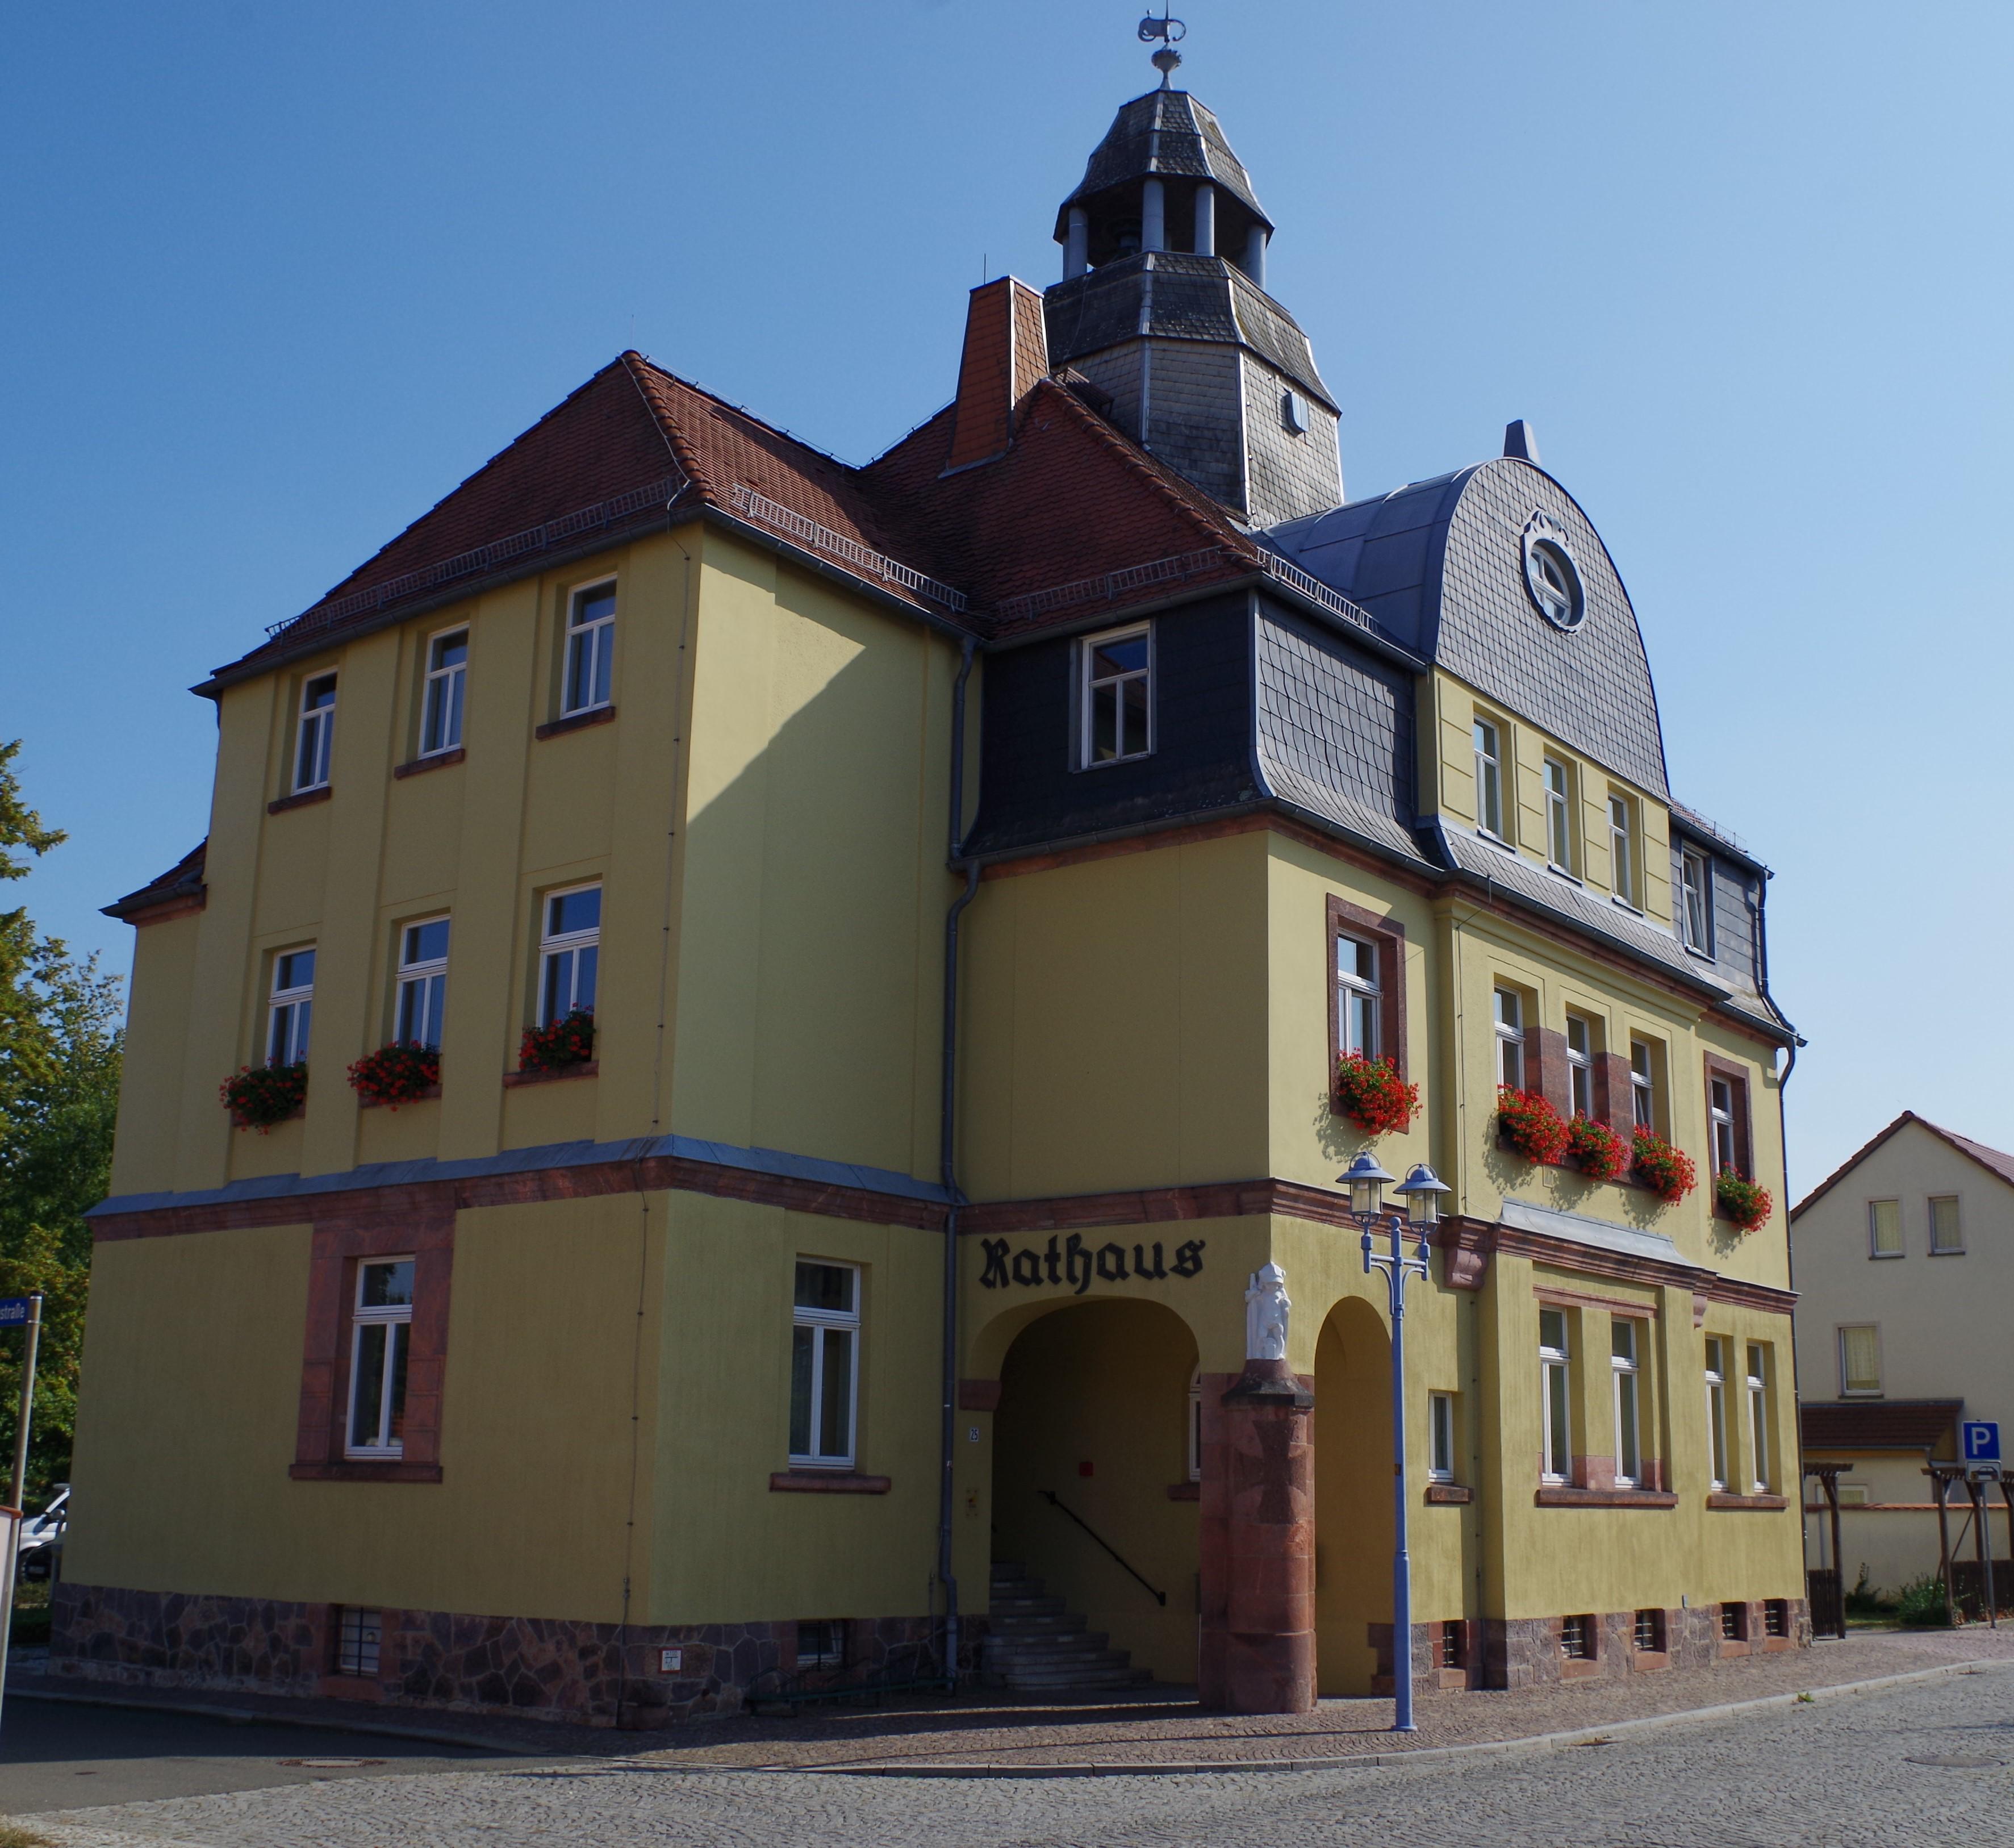 Rathaus Regis-Breitingen